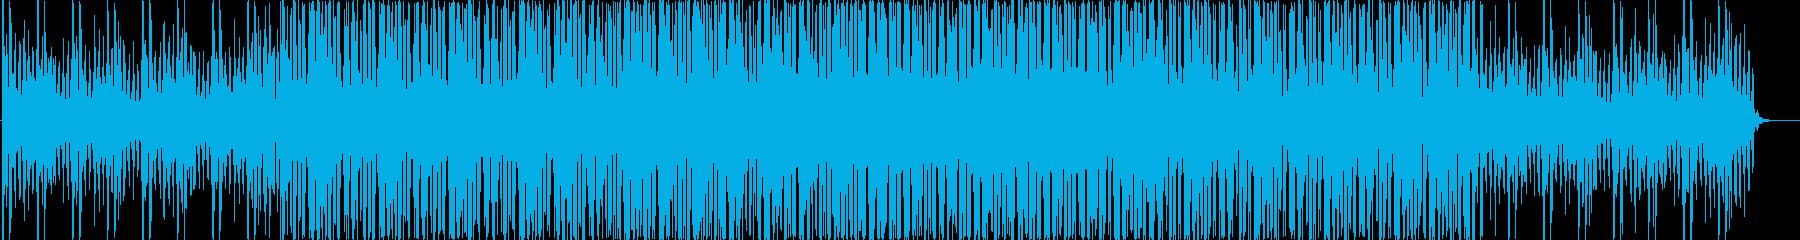 シンプルでクールなドラムンベースの再生済みの波形